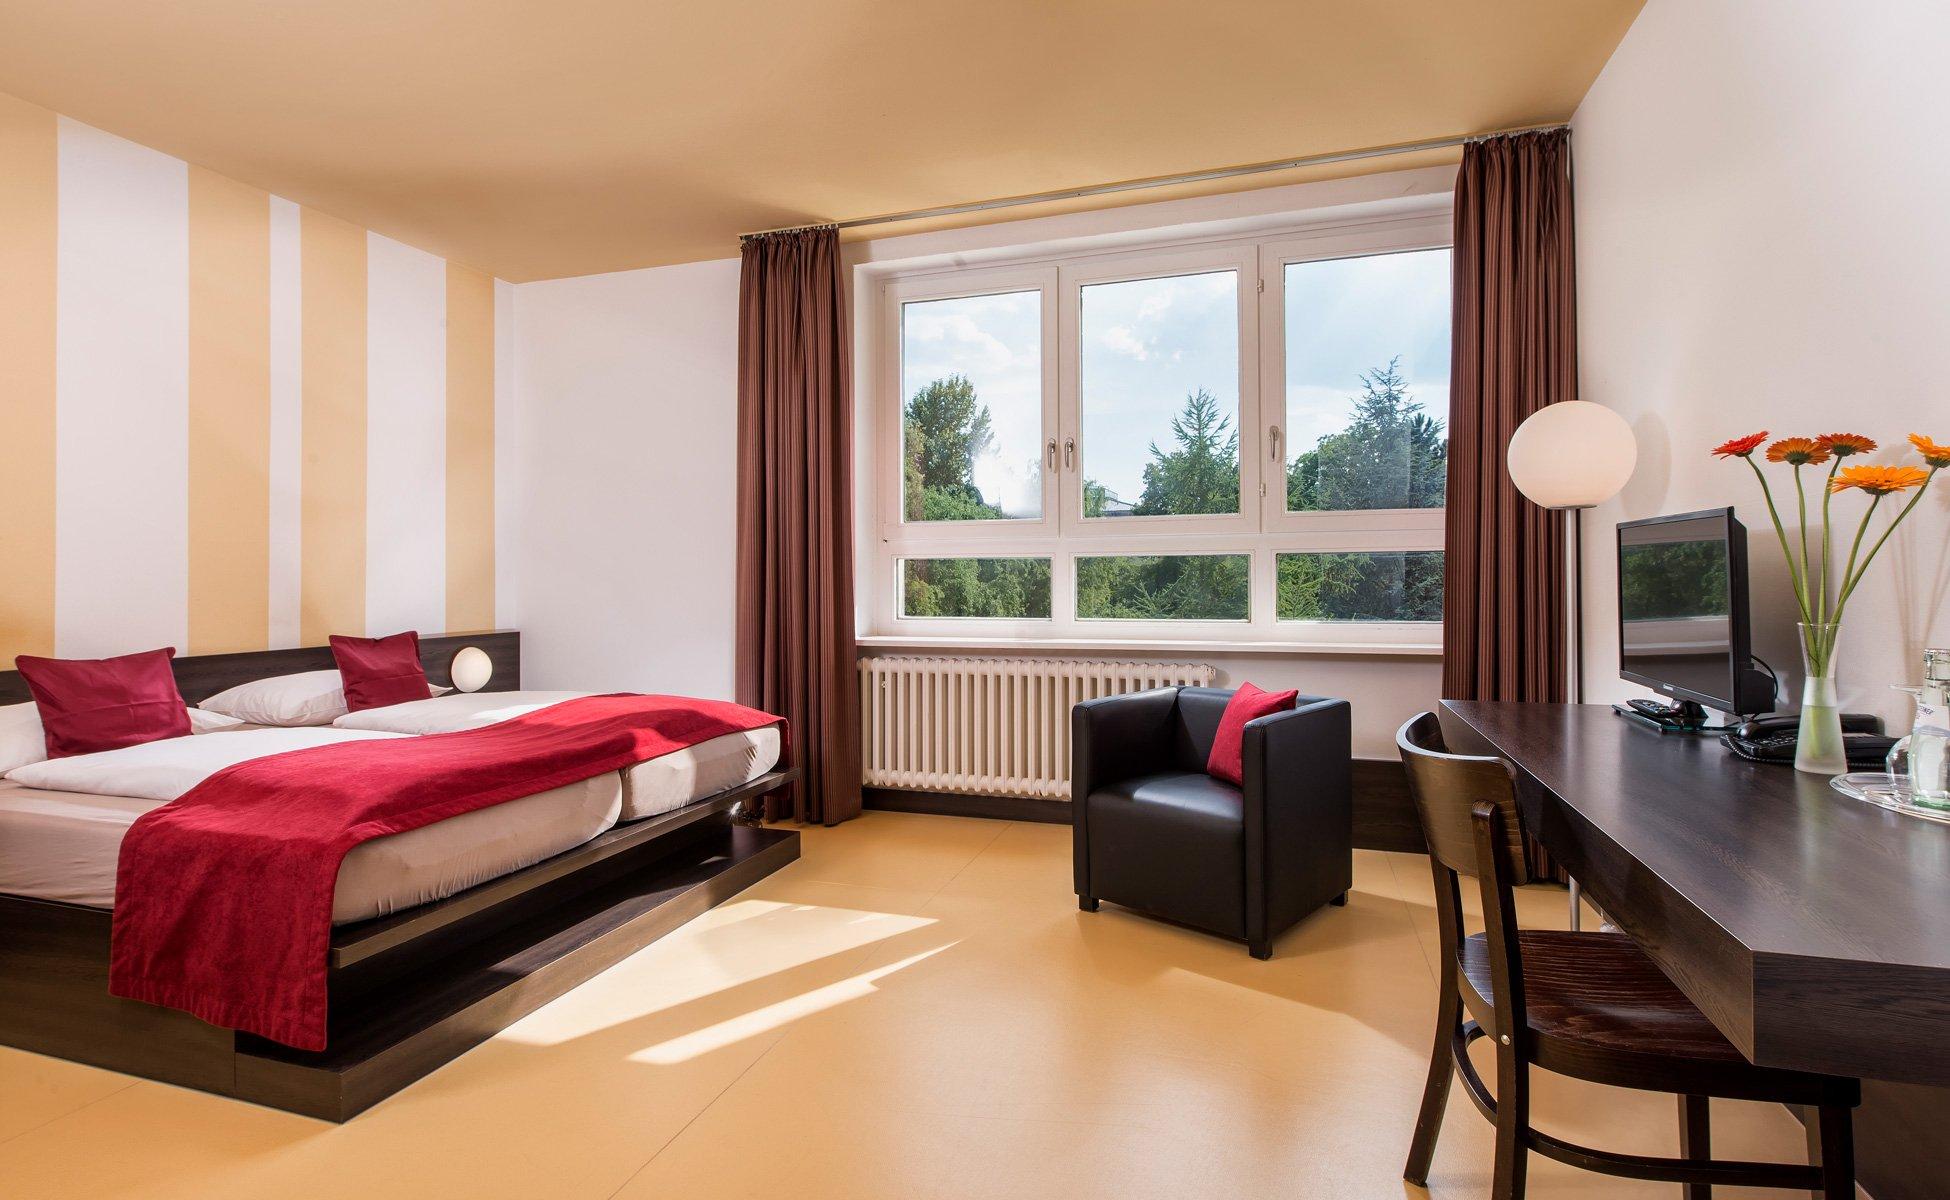 Hotel-Grenzfall Zimmer-Gartenblick Gesamtansicht